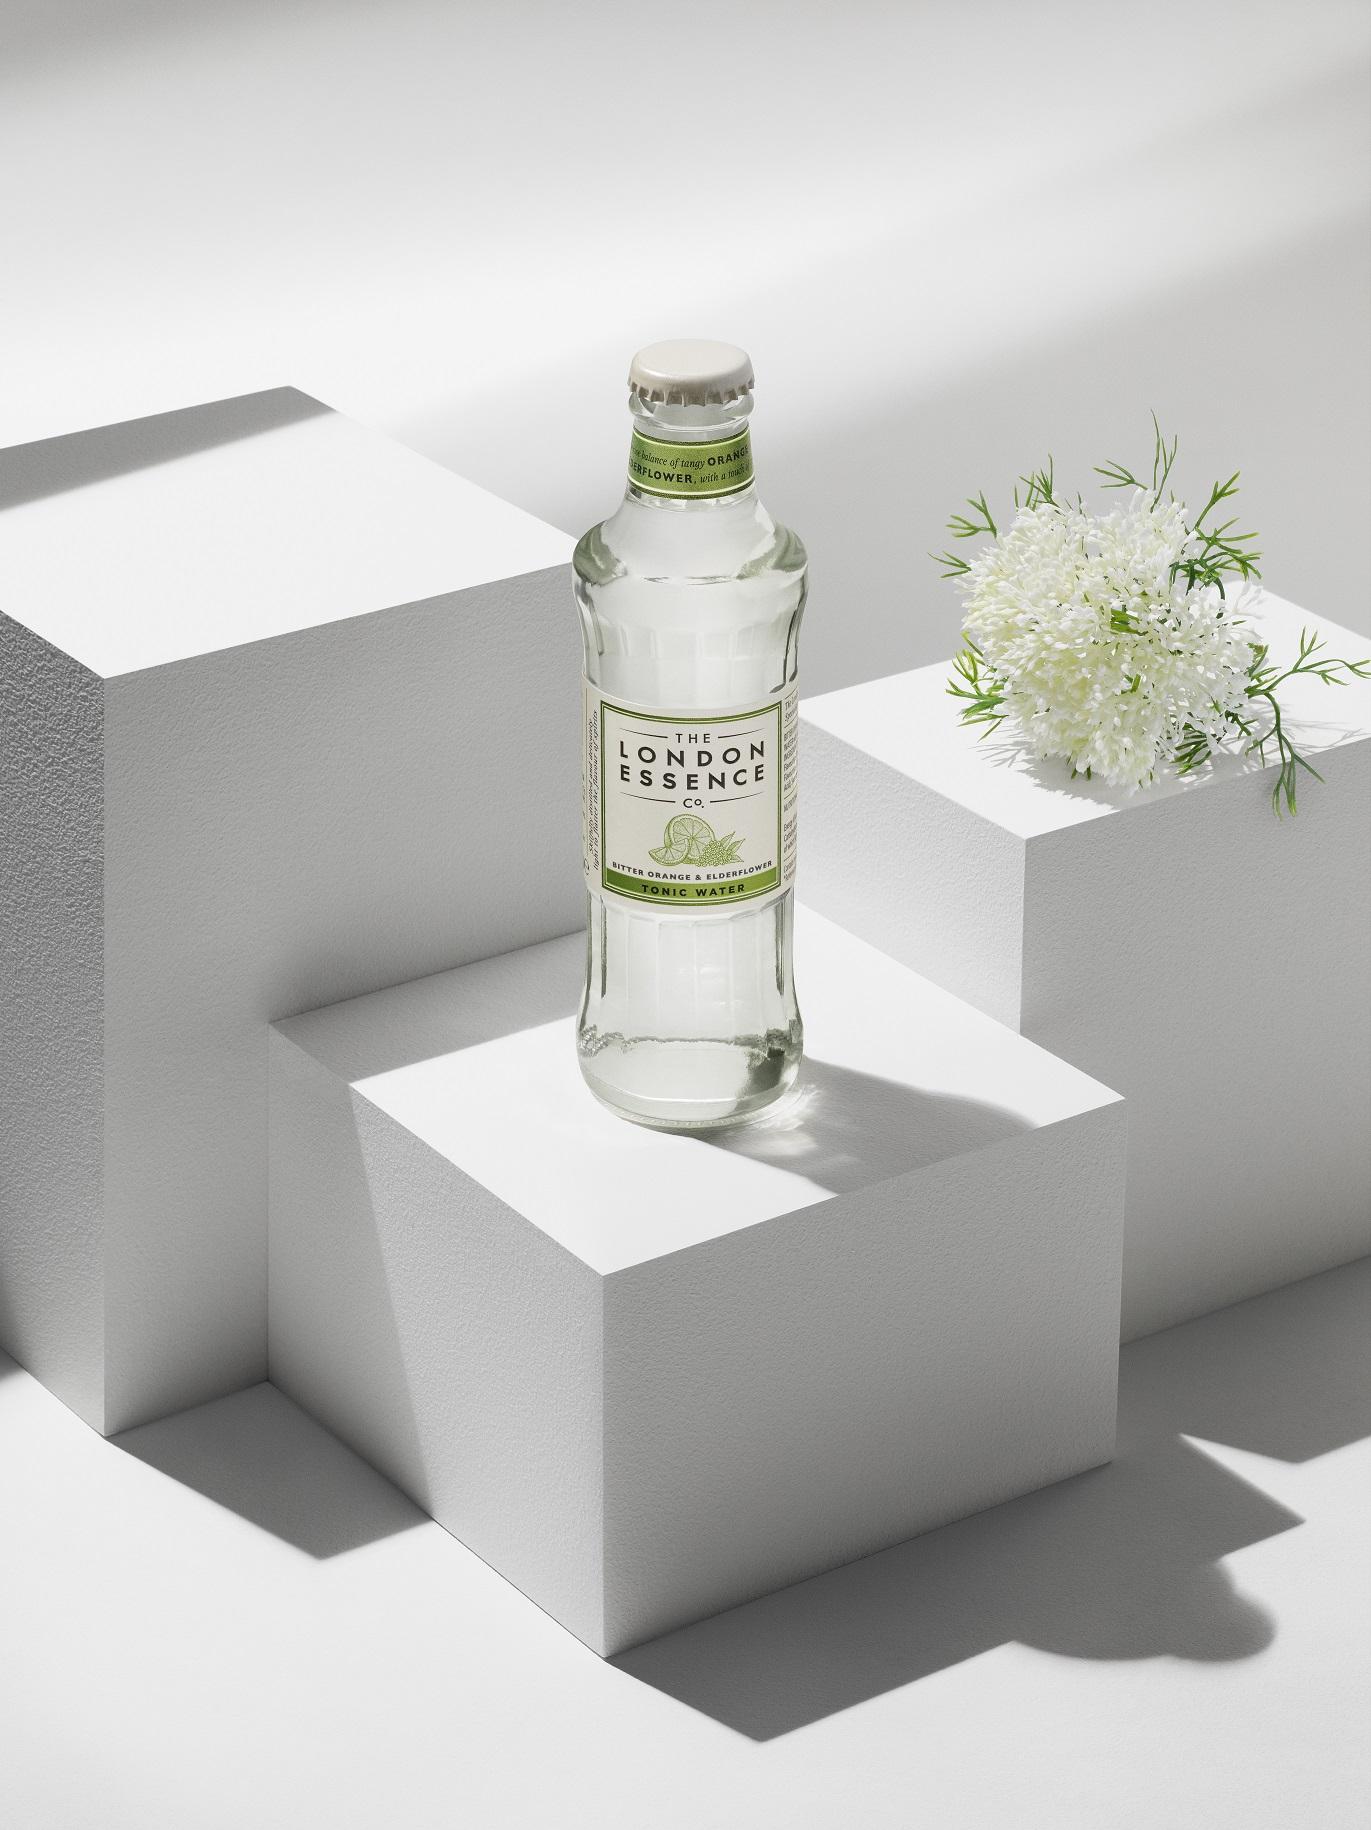 來自英國的頂級通寧水 今年夏天消暑聖品首選